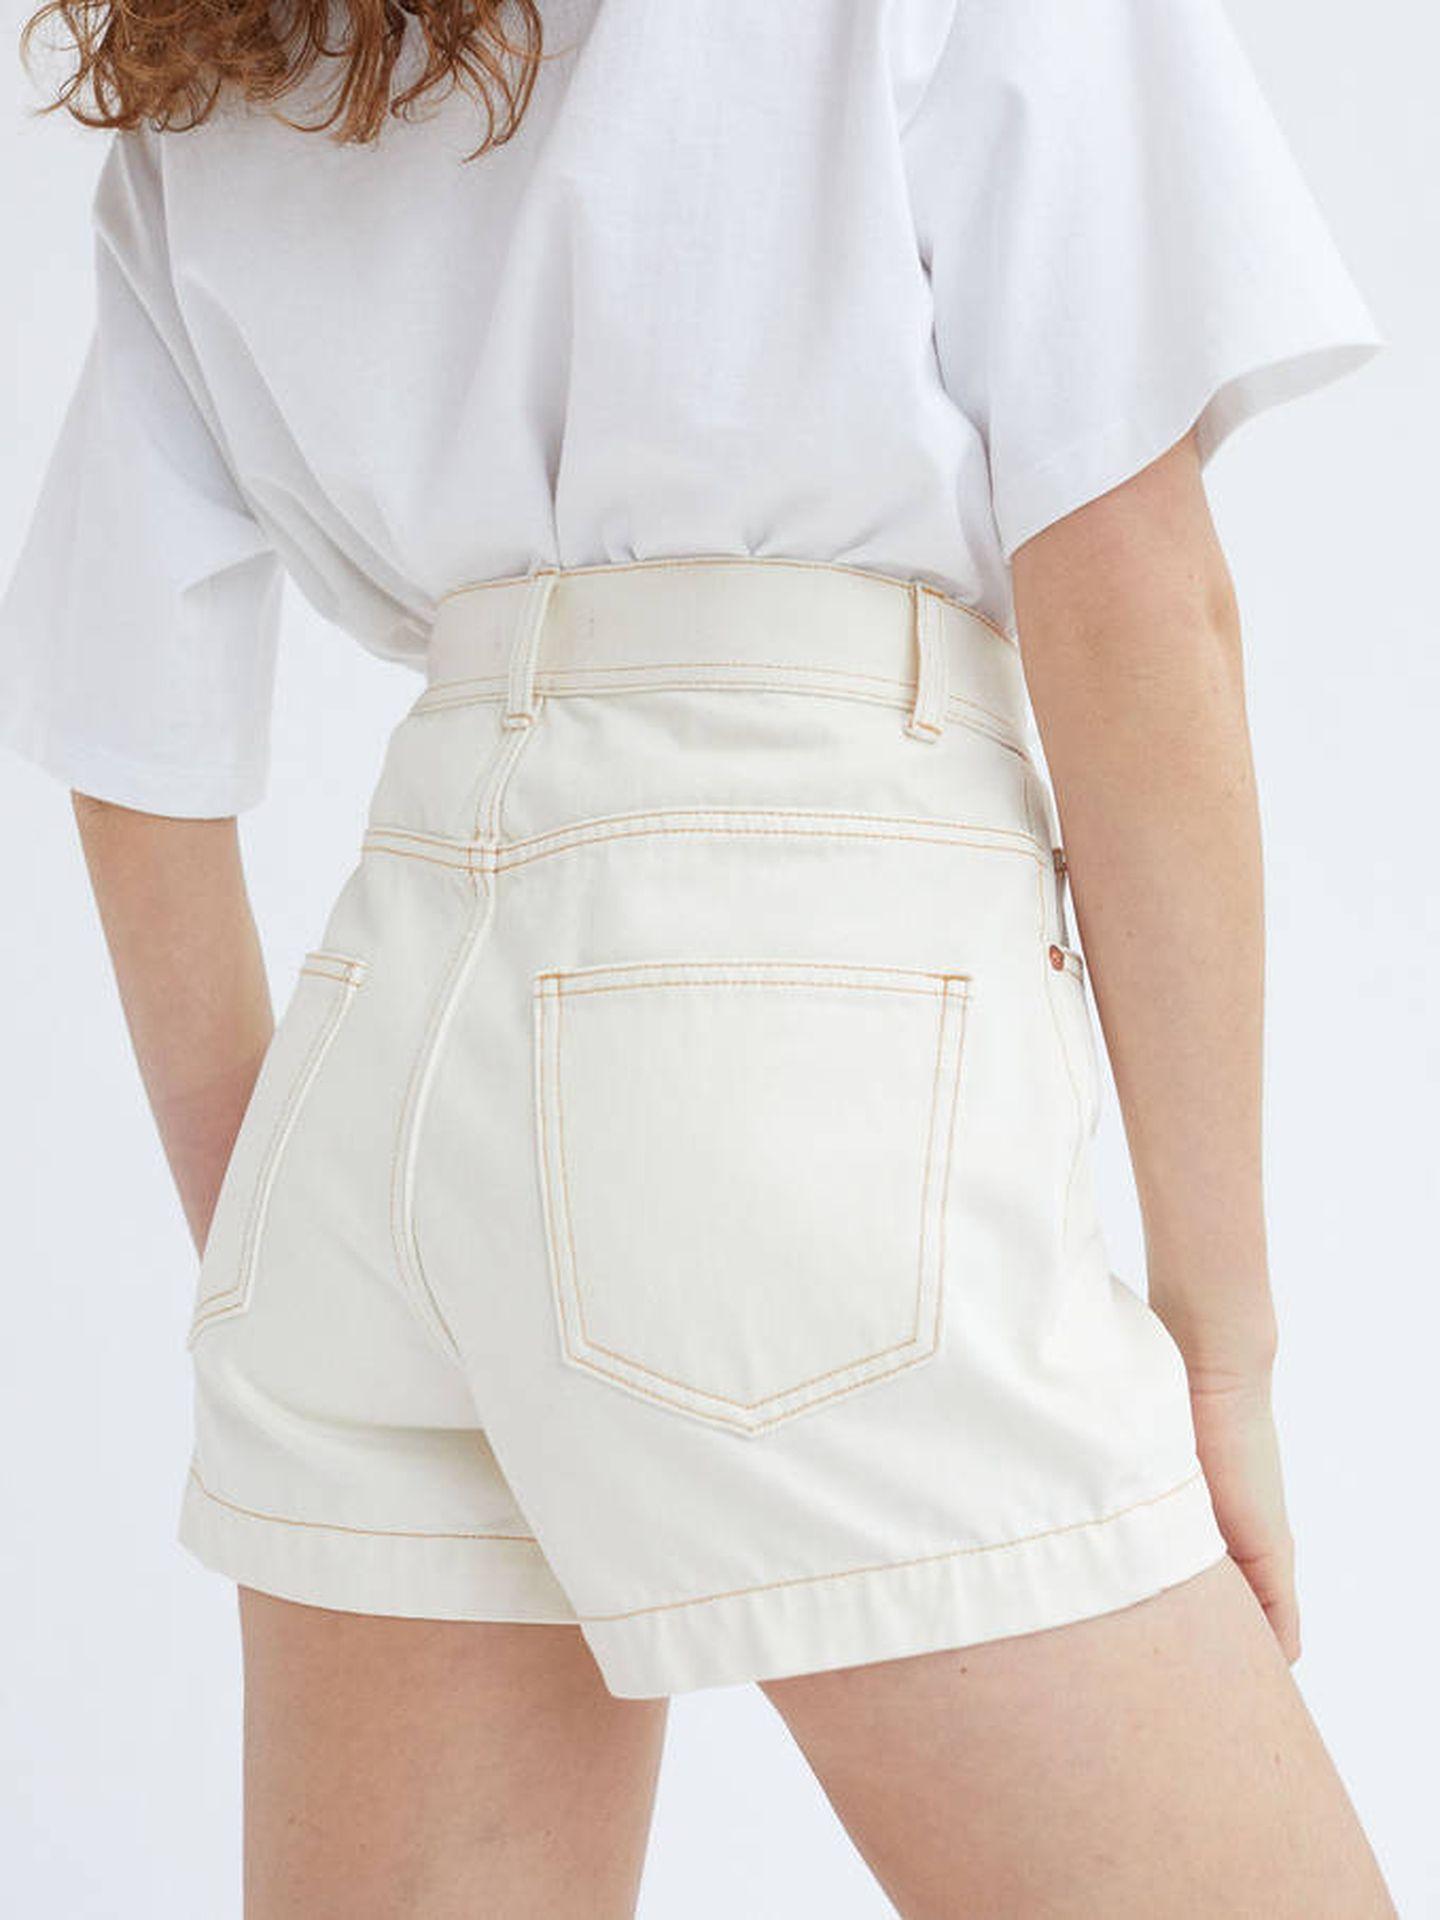 Pantalones cortos cómodos de Parfois. (Cortesía)